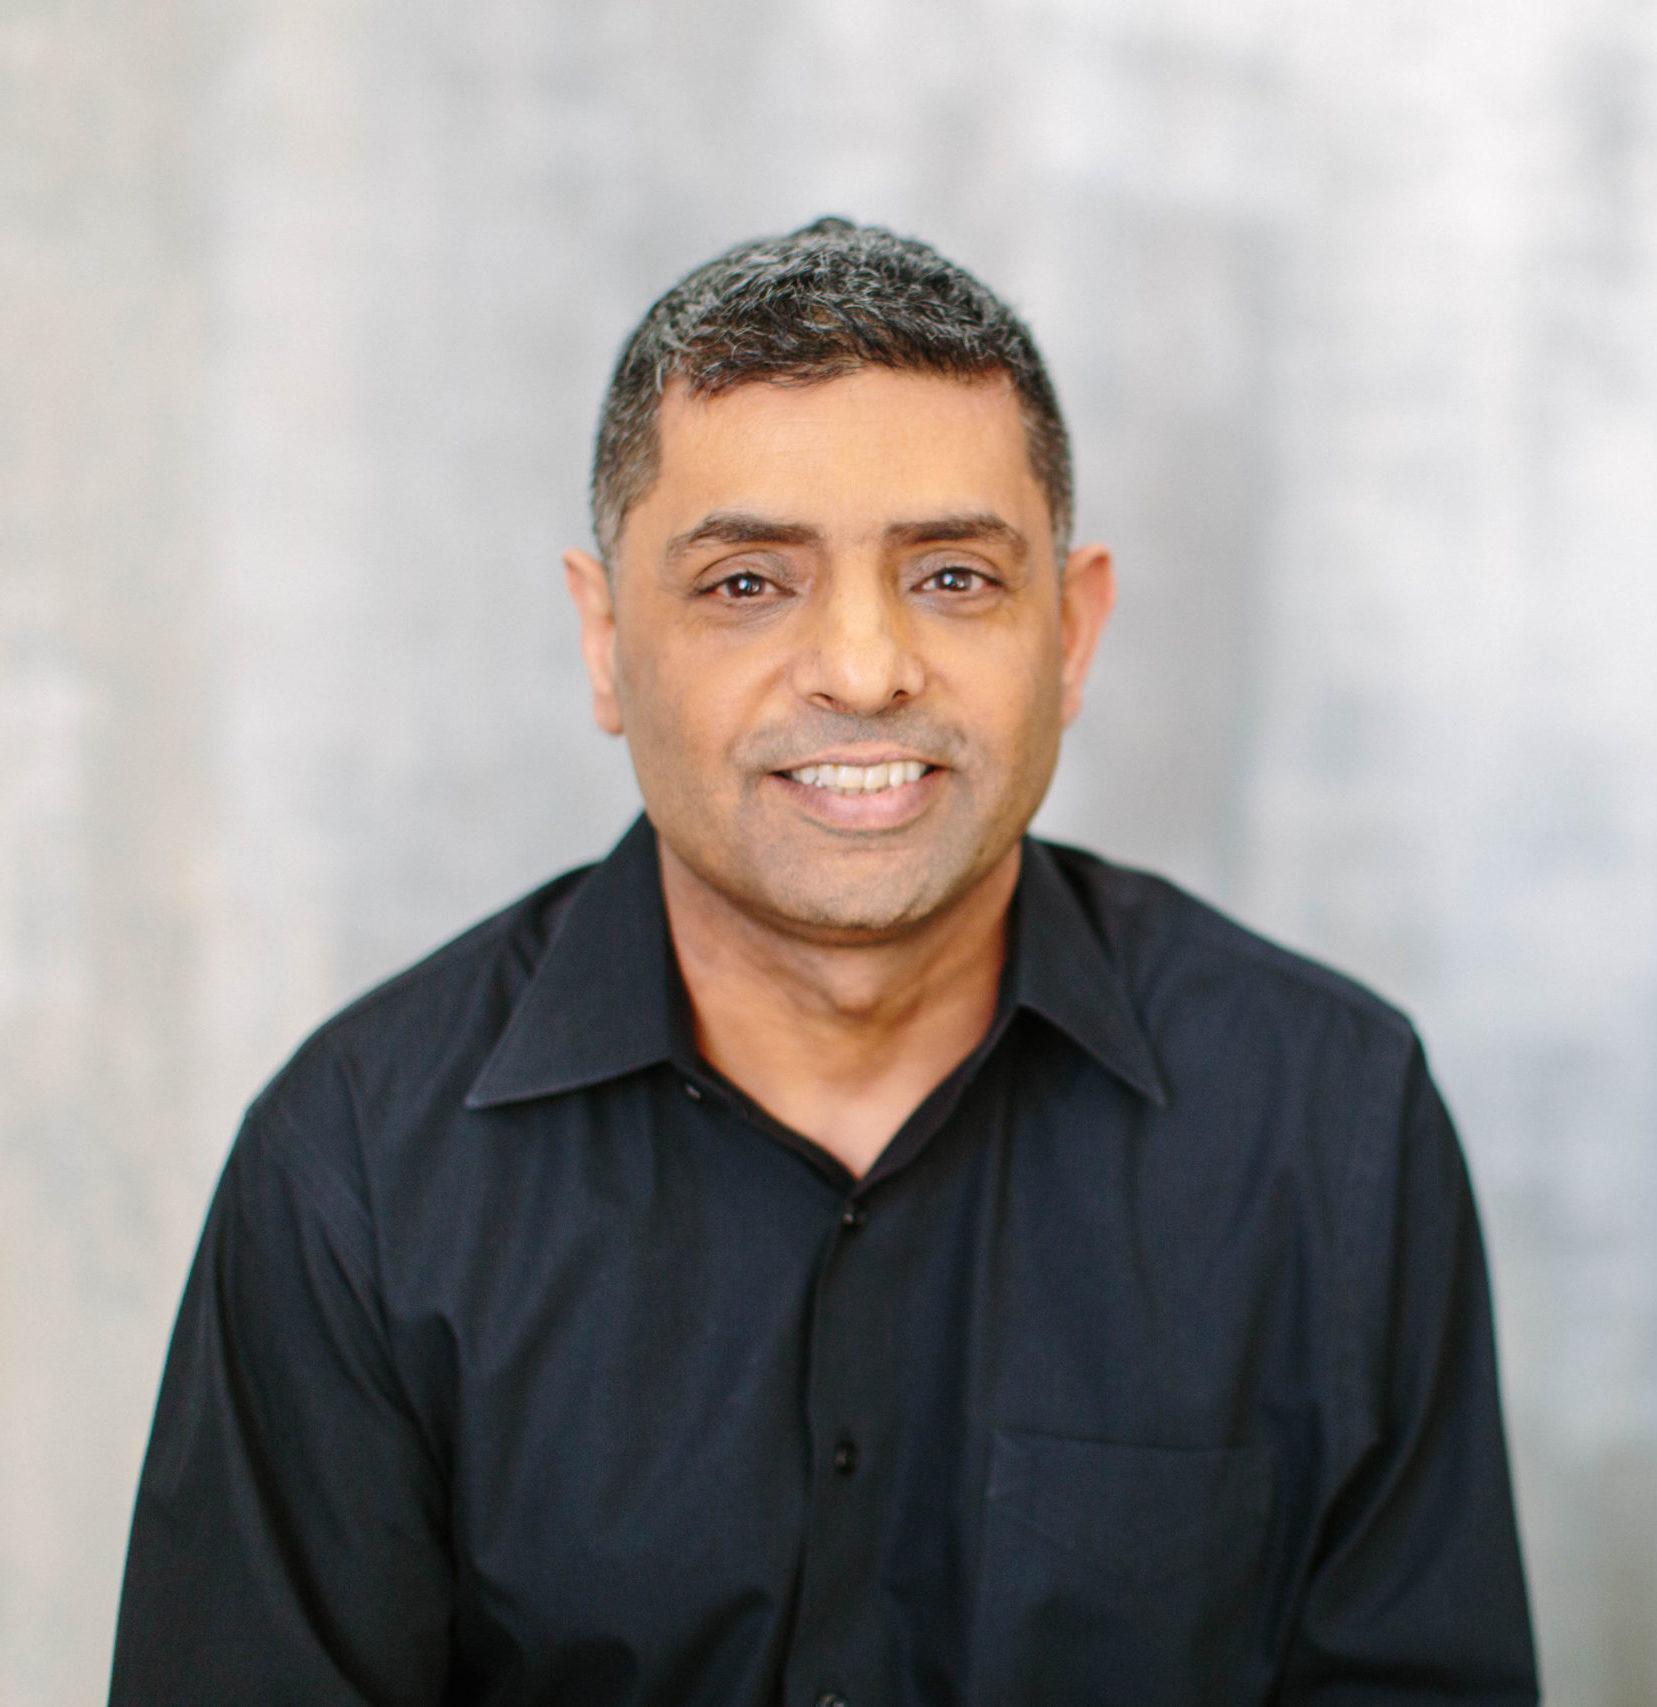 Jasbir Sunner, Associate